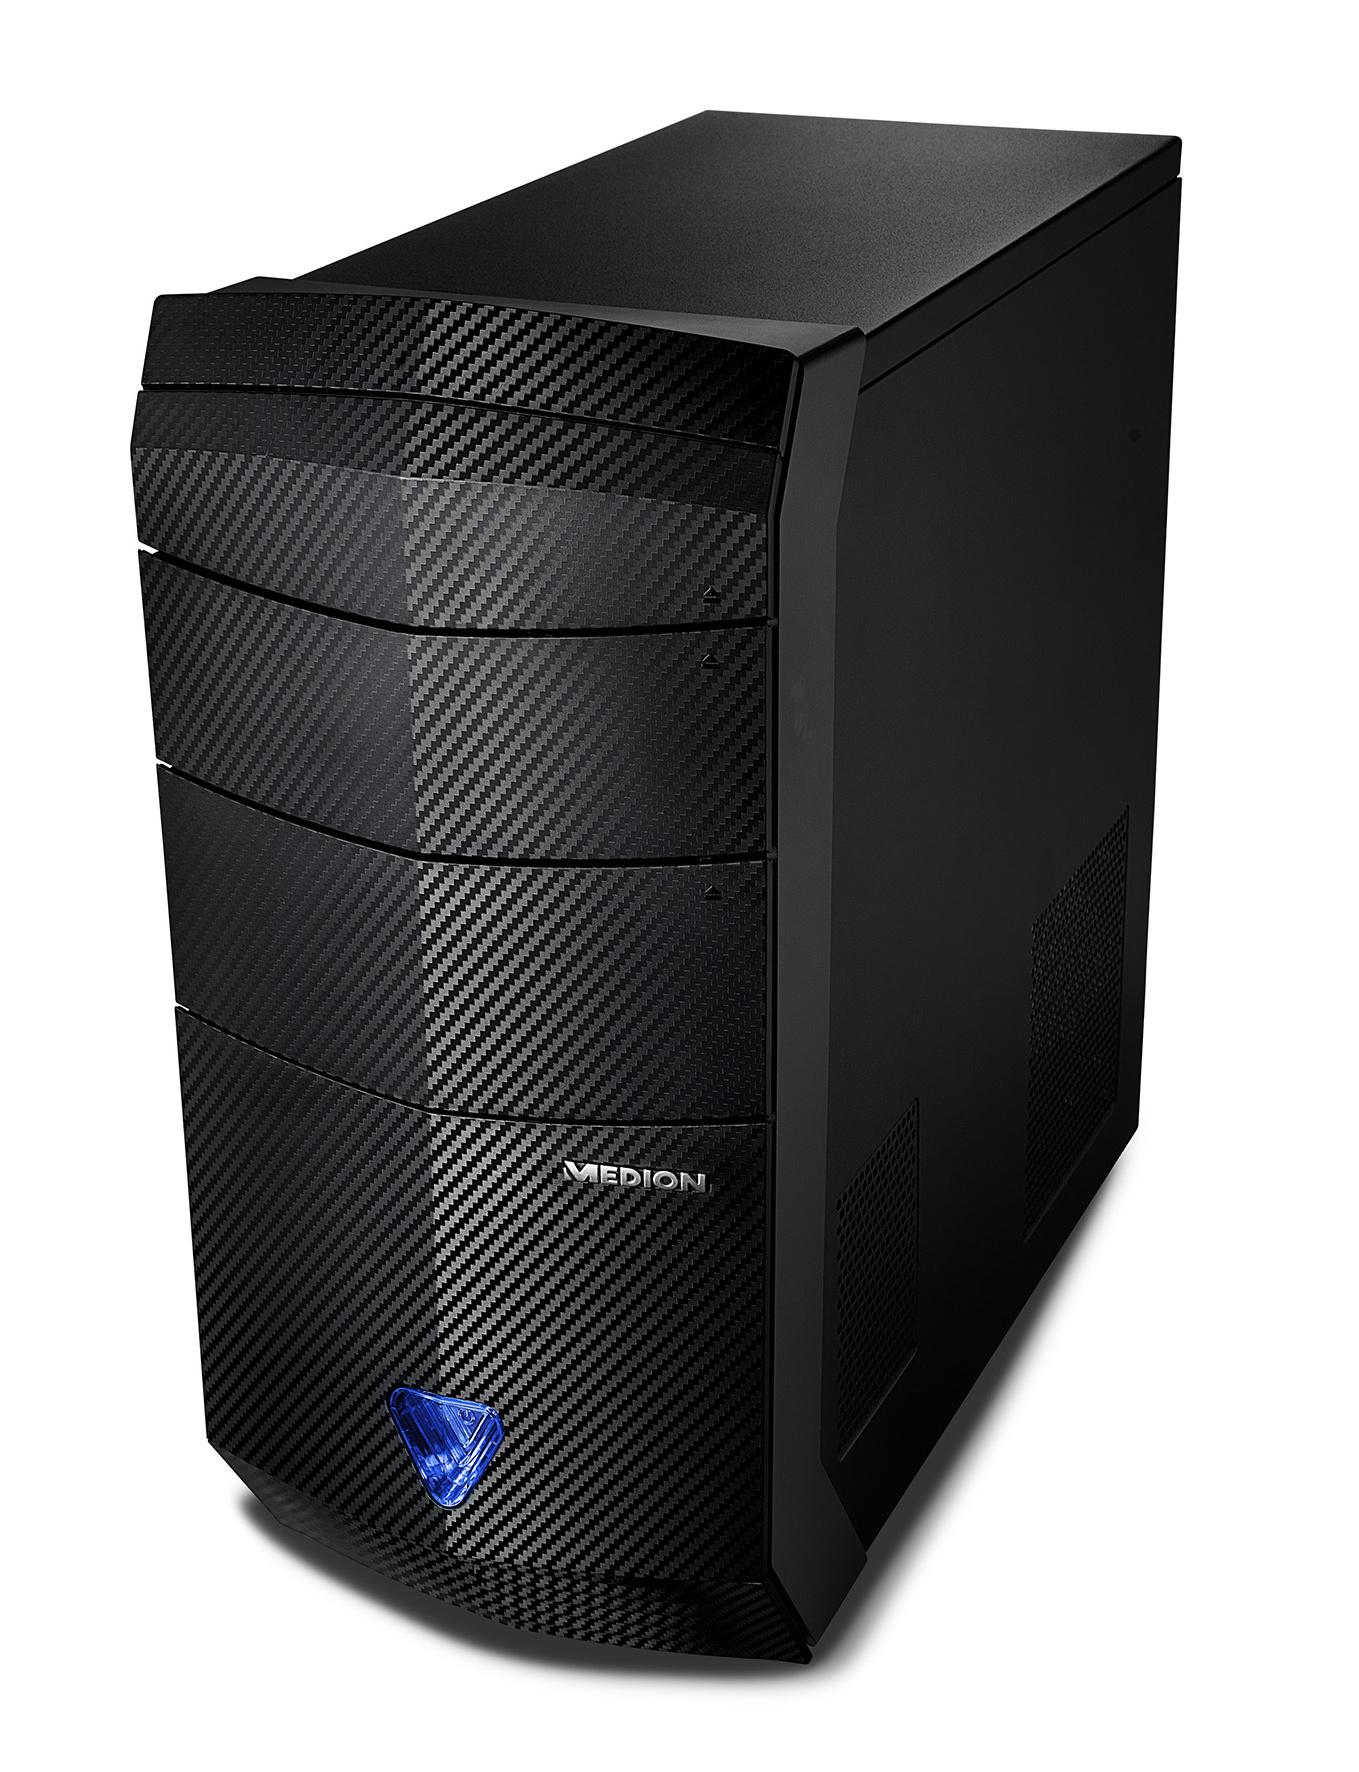 Erazer-Serie: Medion bringt mehrere Komplett-PCs mit AMDs Ryzen heraus - Erazer X7732 D und P7734 D (Bild: Medion)